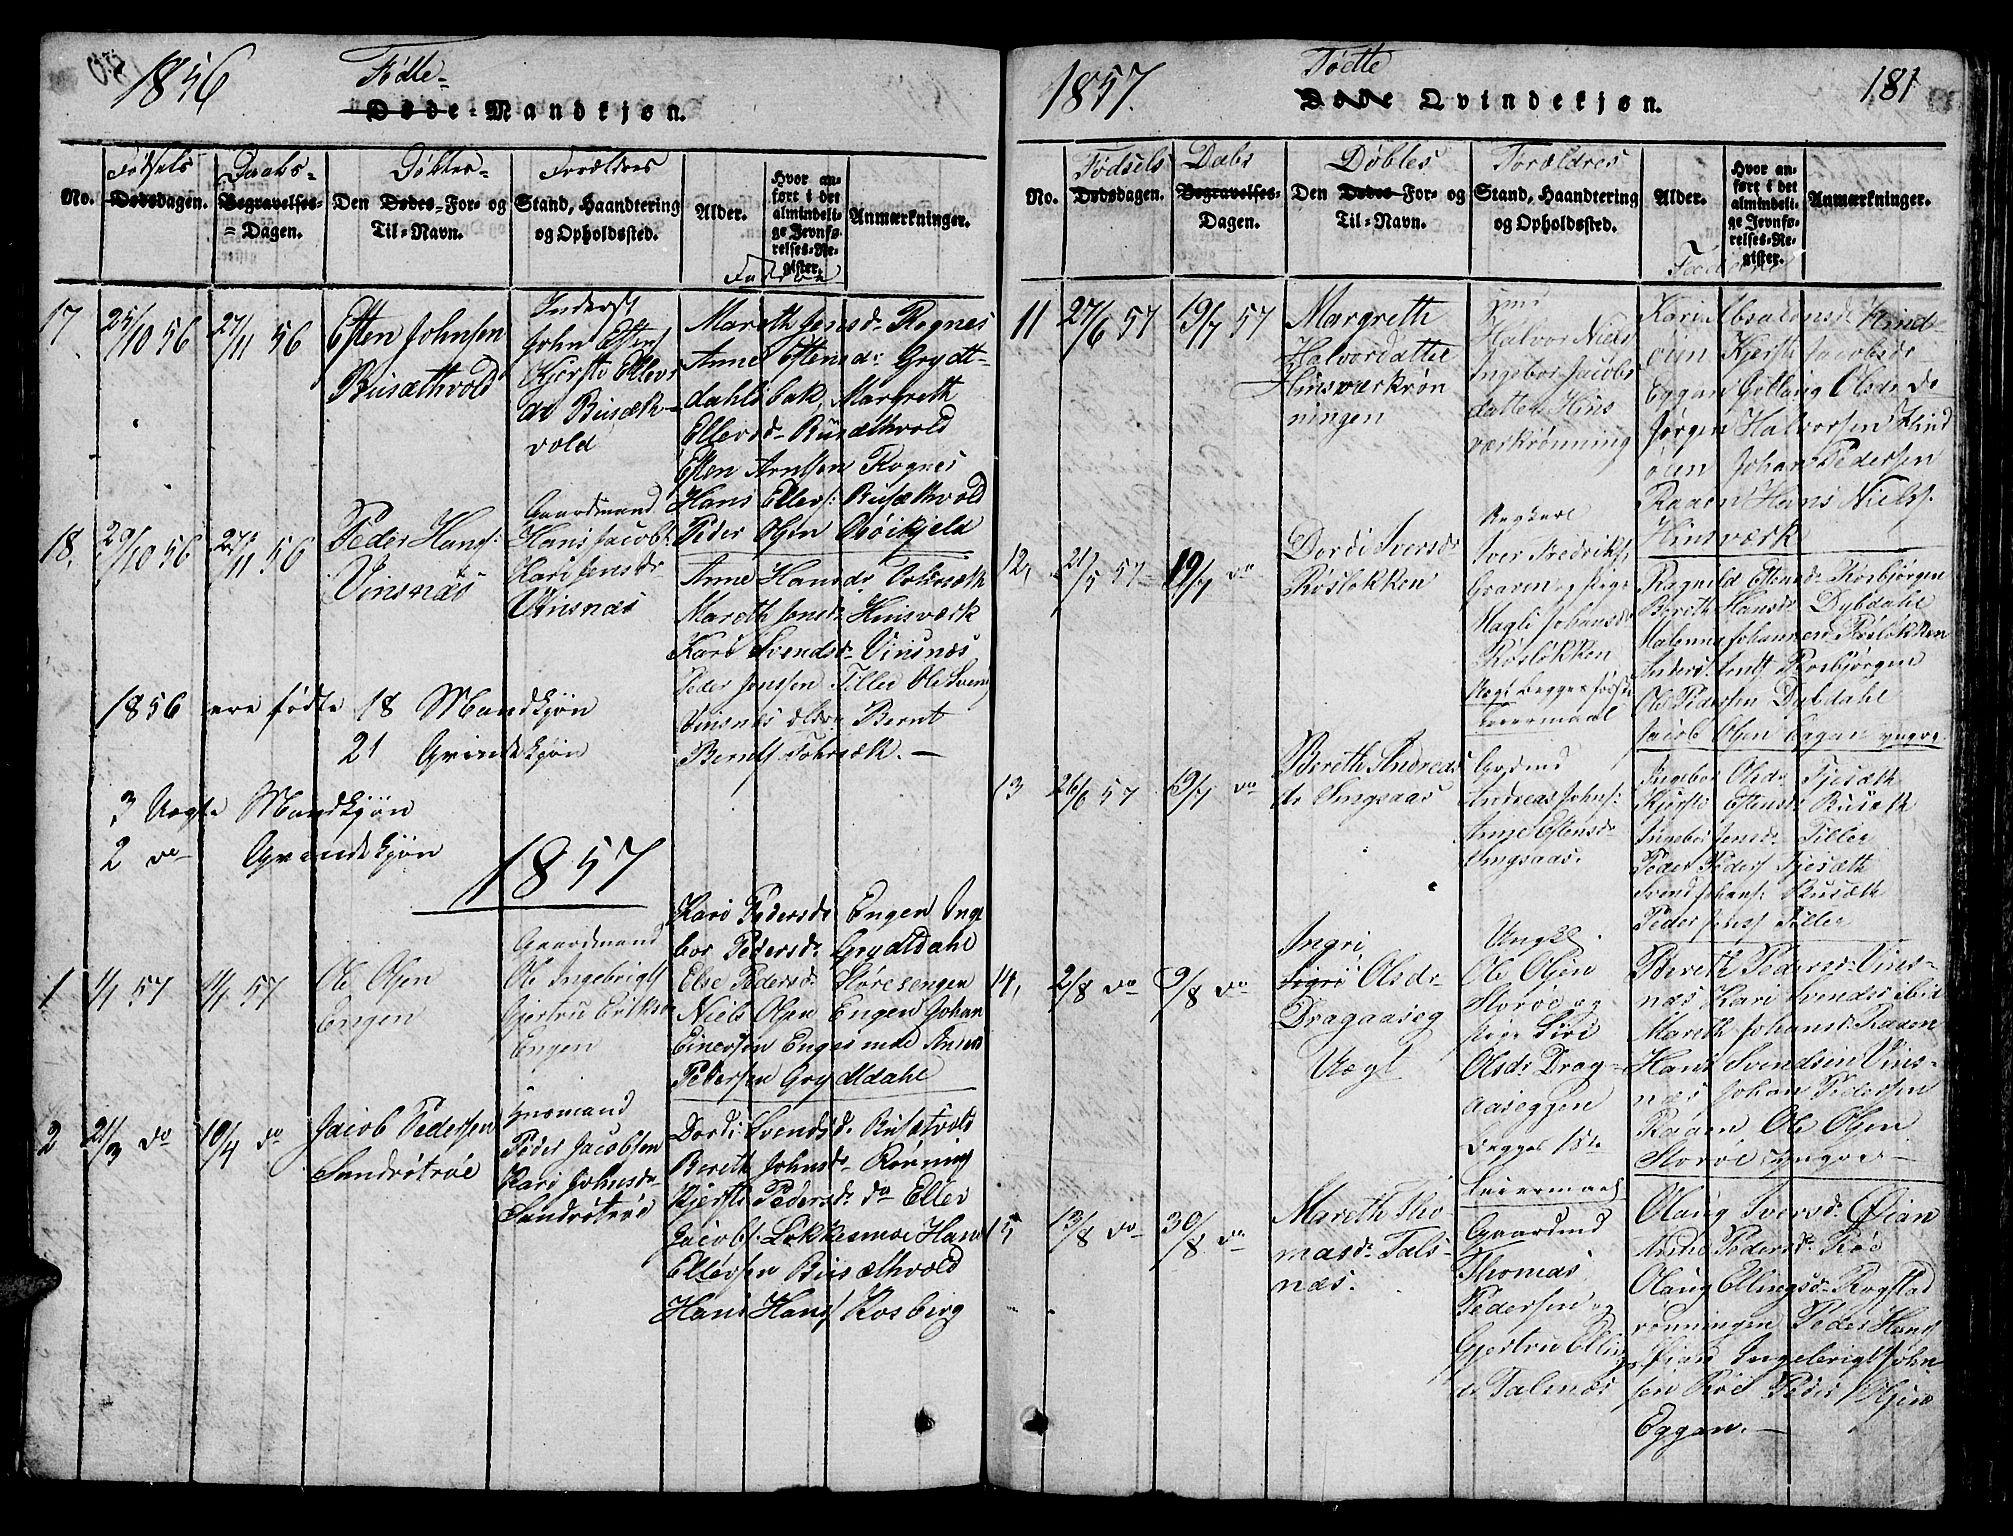 SAT, Ministerialprotokoller, klokkerbøker og fødselsregistre - Sør-Trøndelag, 688/L1026: Klokkerbok nr. 688C01, 1817-1860, s. 181